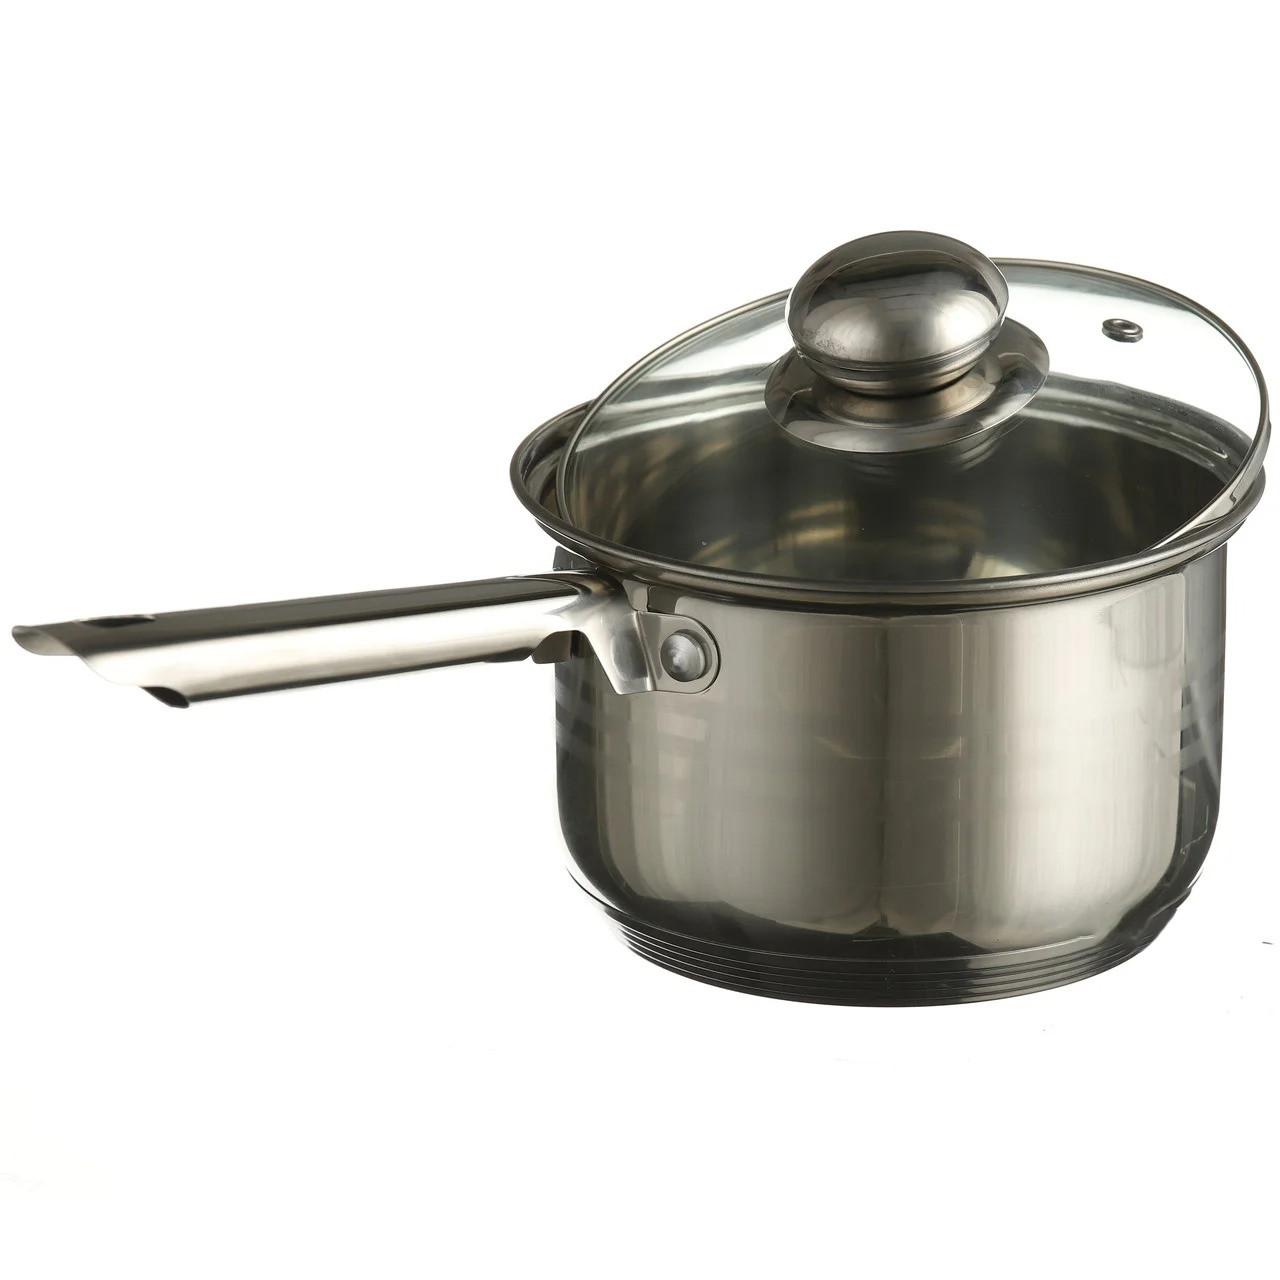 Ковш кухонный сотейник с крышкой A-PLUS 2.1 л